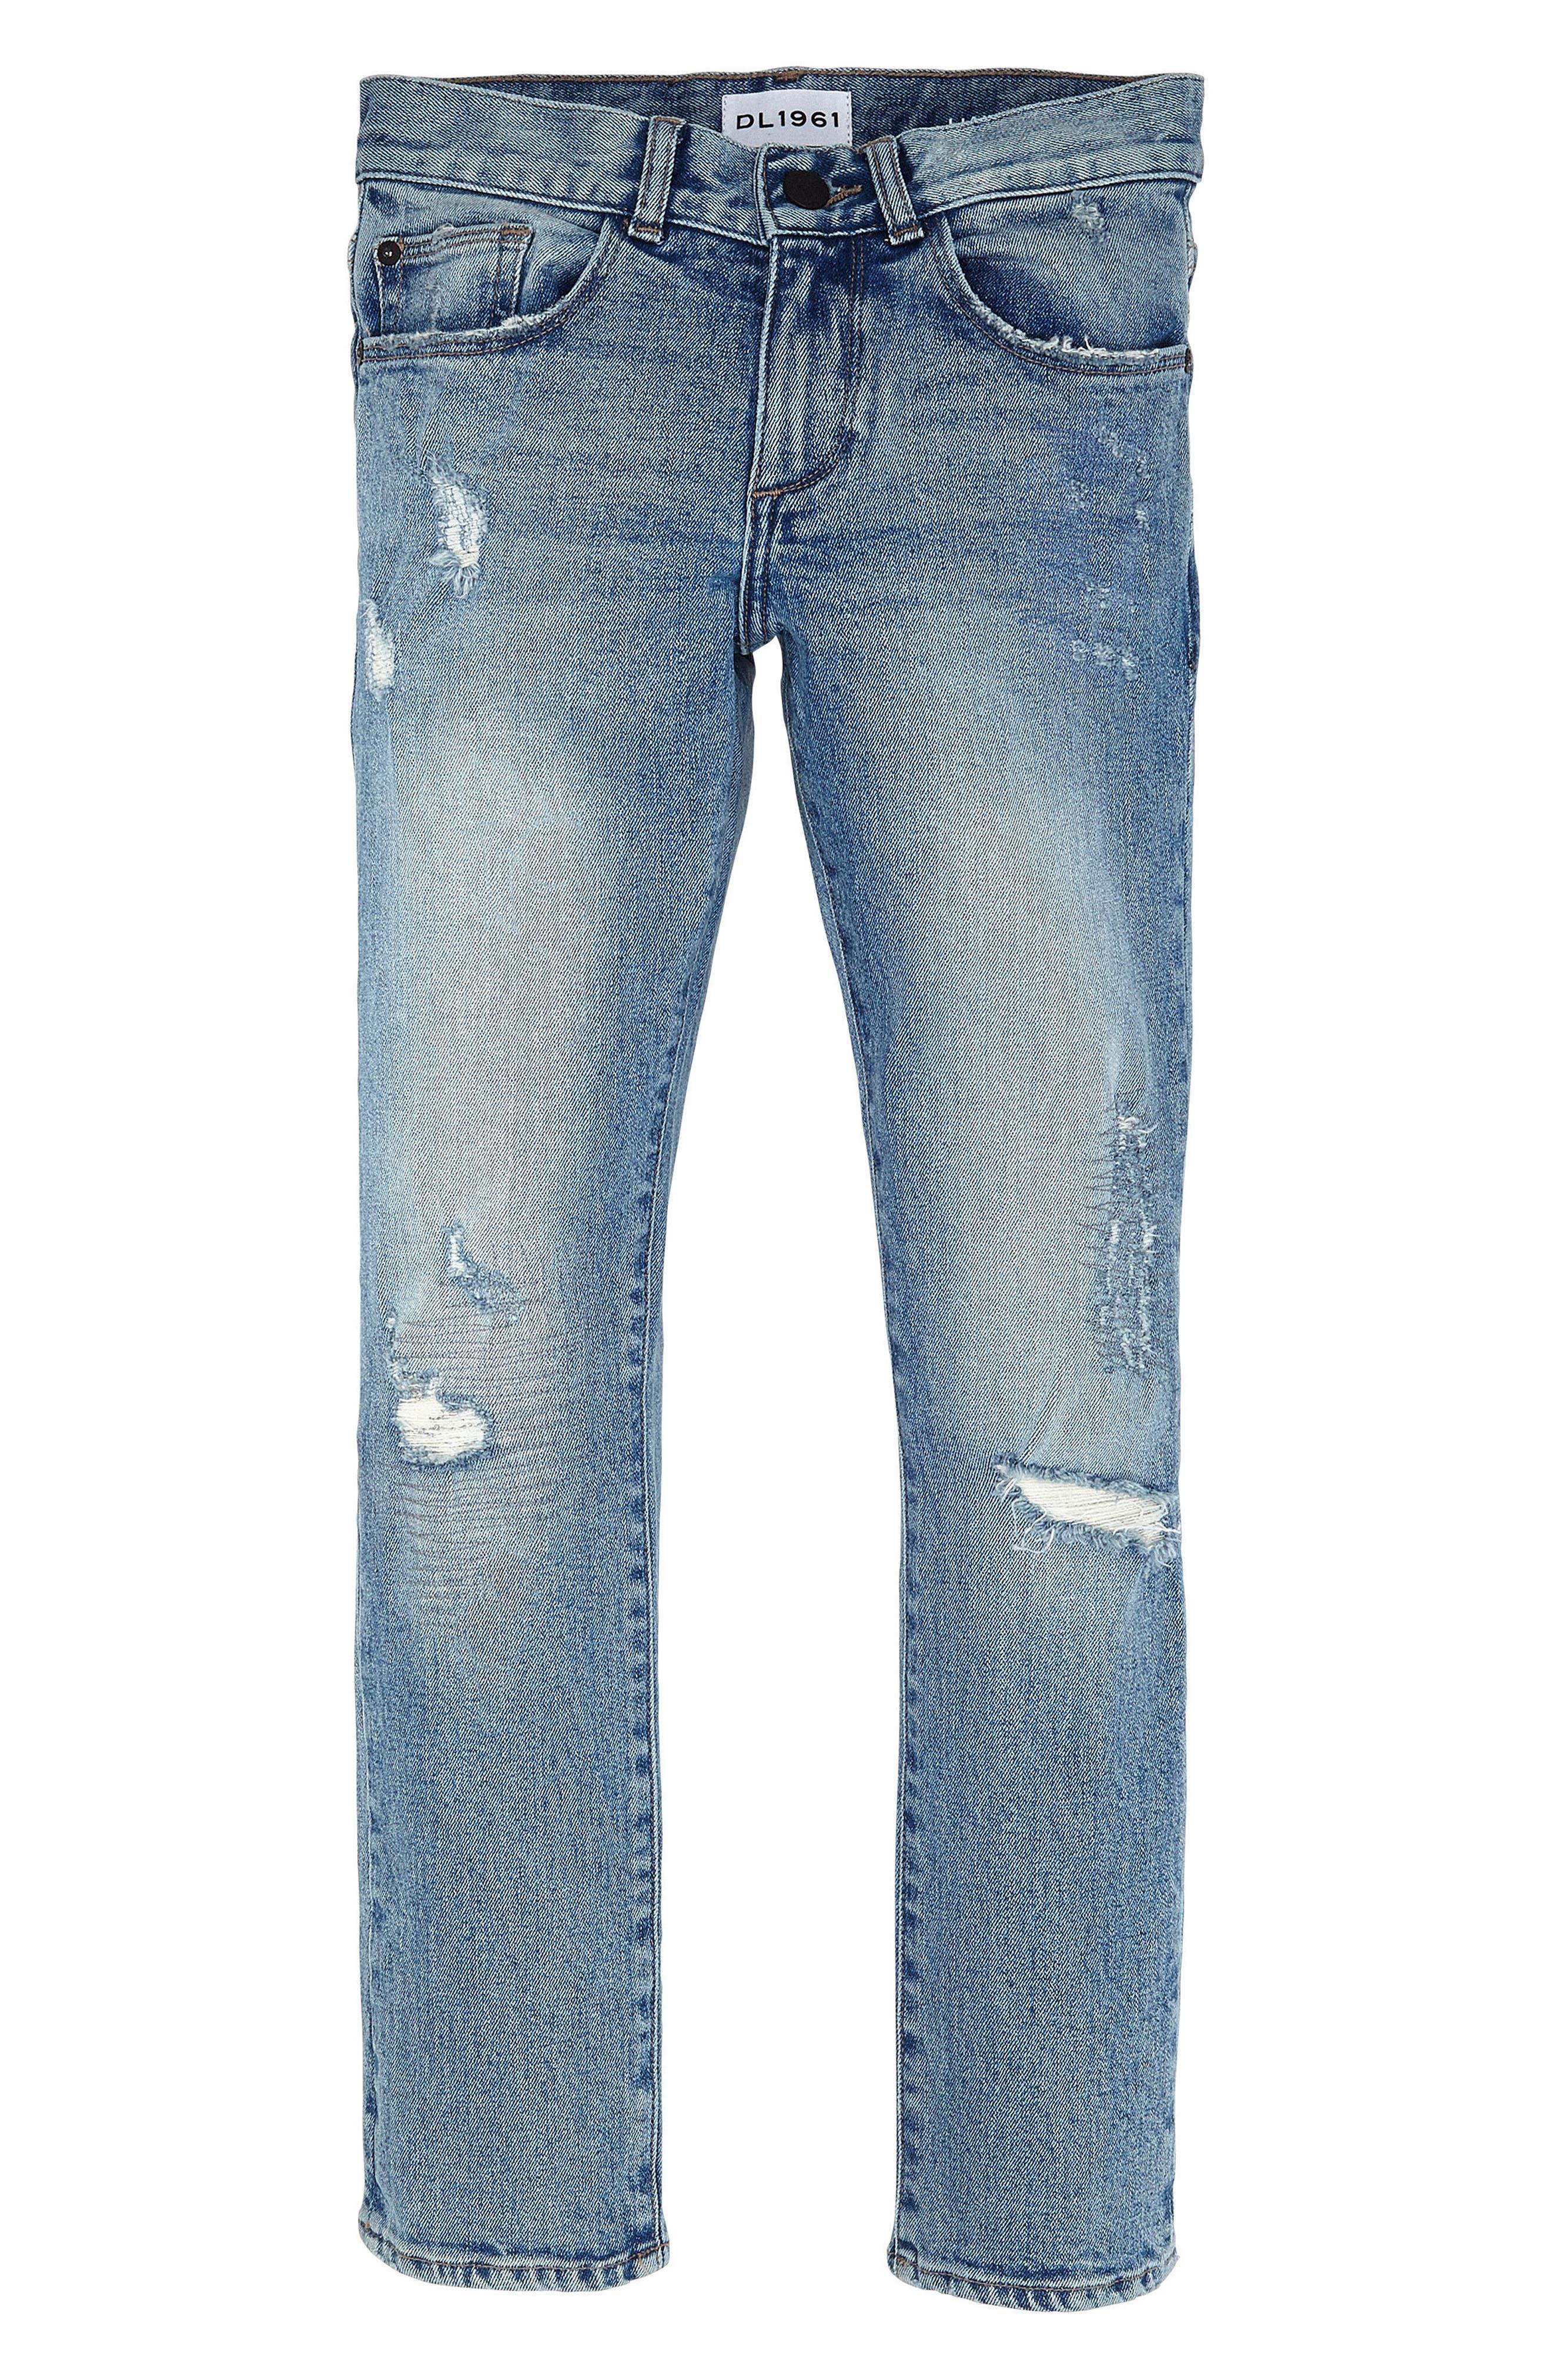 Hawke Skinny Fit Rip and Repair Jeans,                             Main thumbnail 1, color,                             430